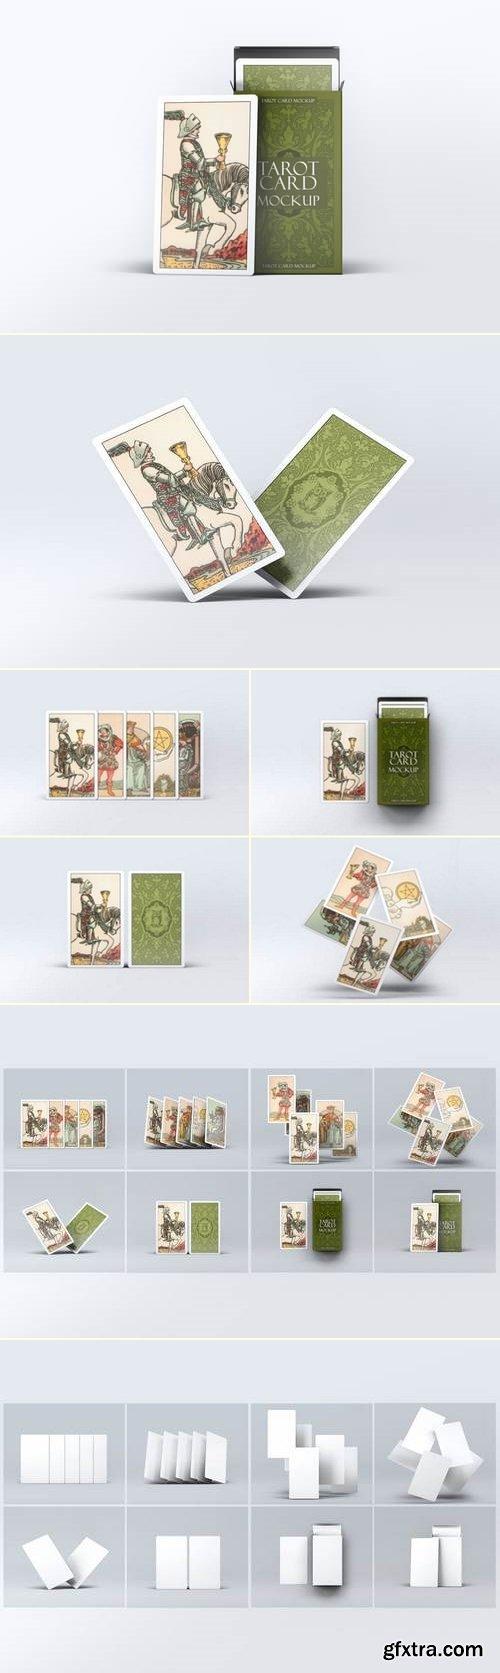 Tarot Card Mock-Up